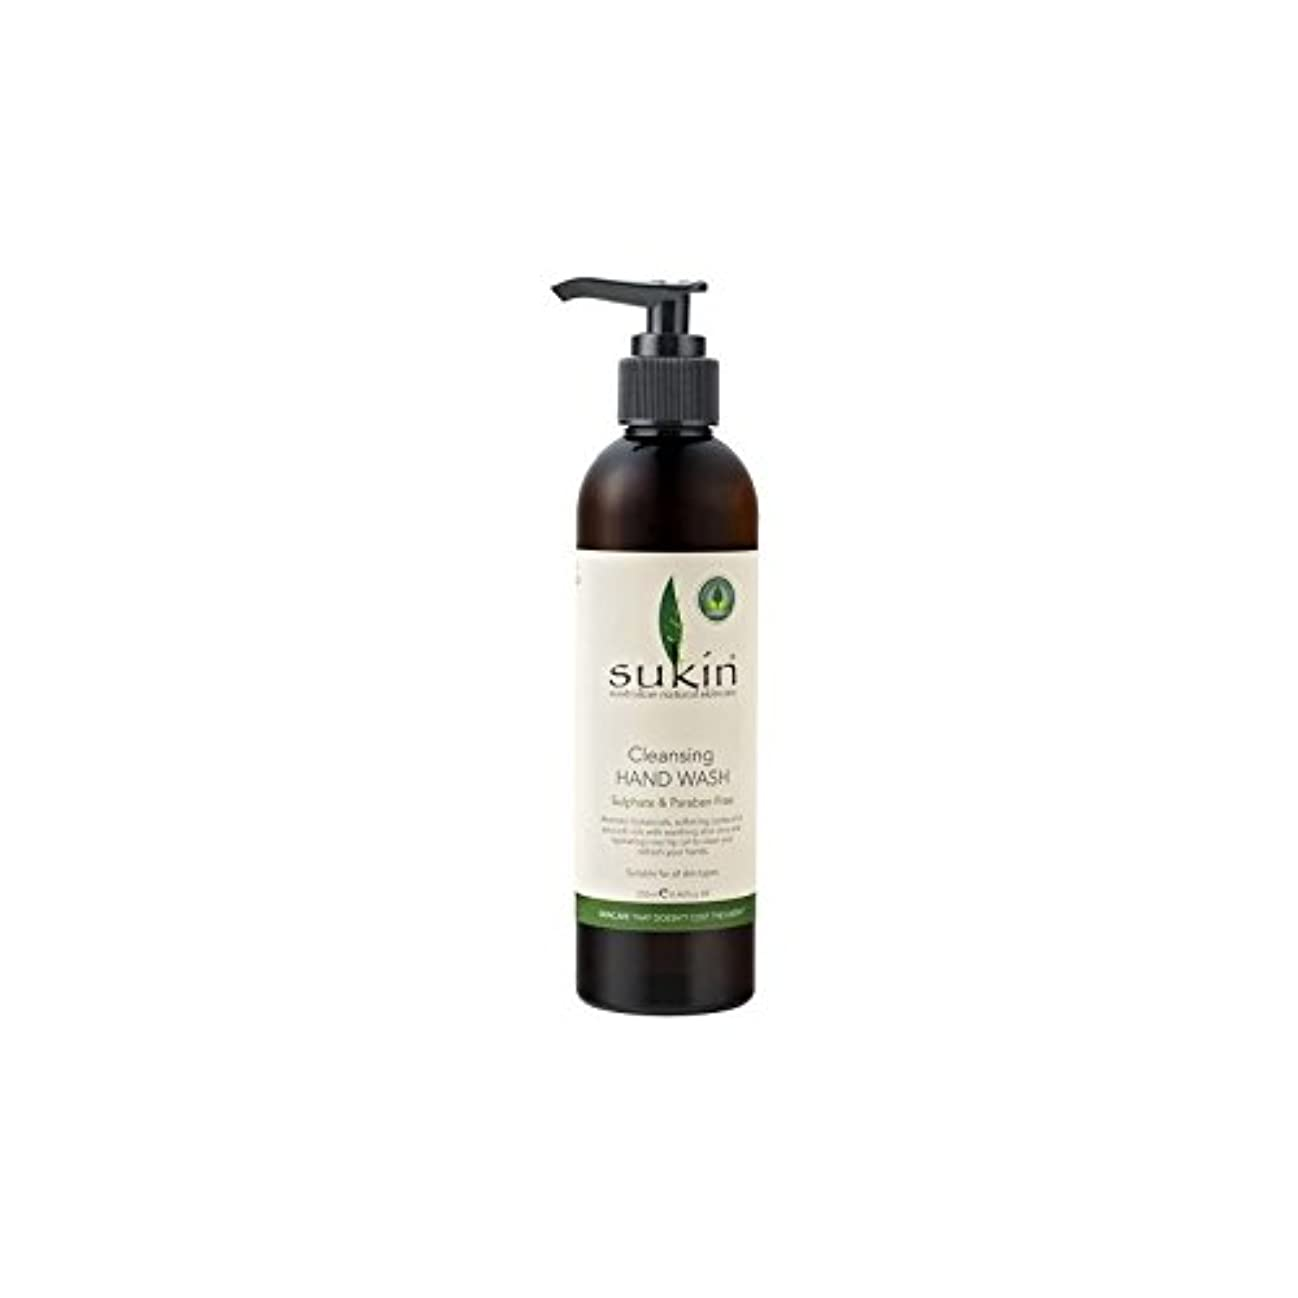 計器すなわち松の木Sukin Cleansing Hand Wash (250ml) (Pack of 6) - クレンジングハンドウォッシュ(250ミリリットル) x6 [並行輸入品]